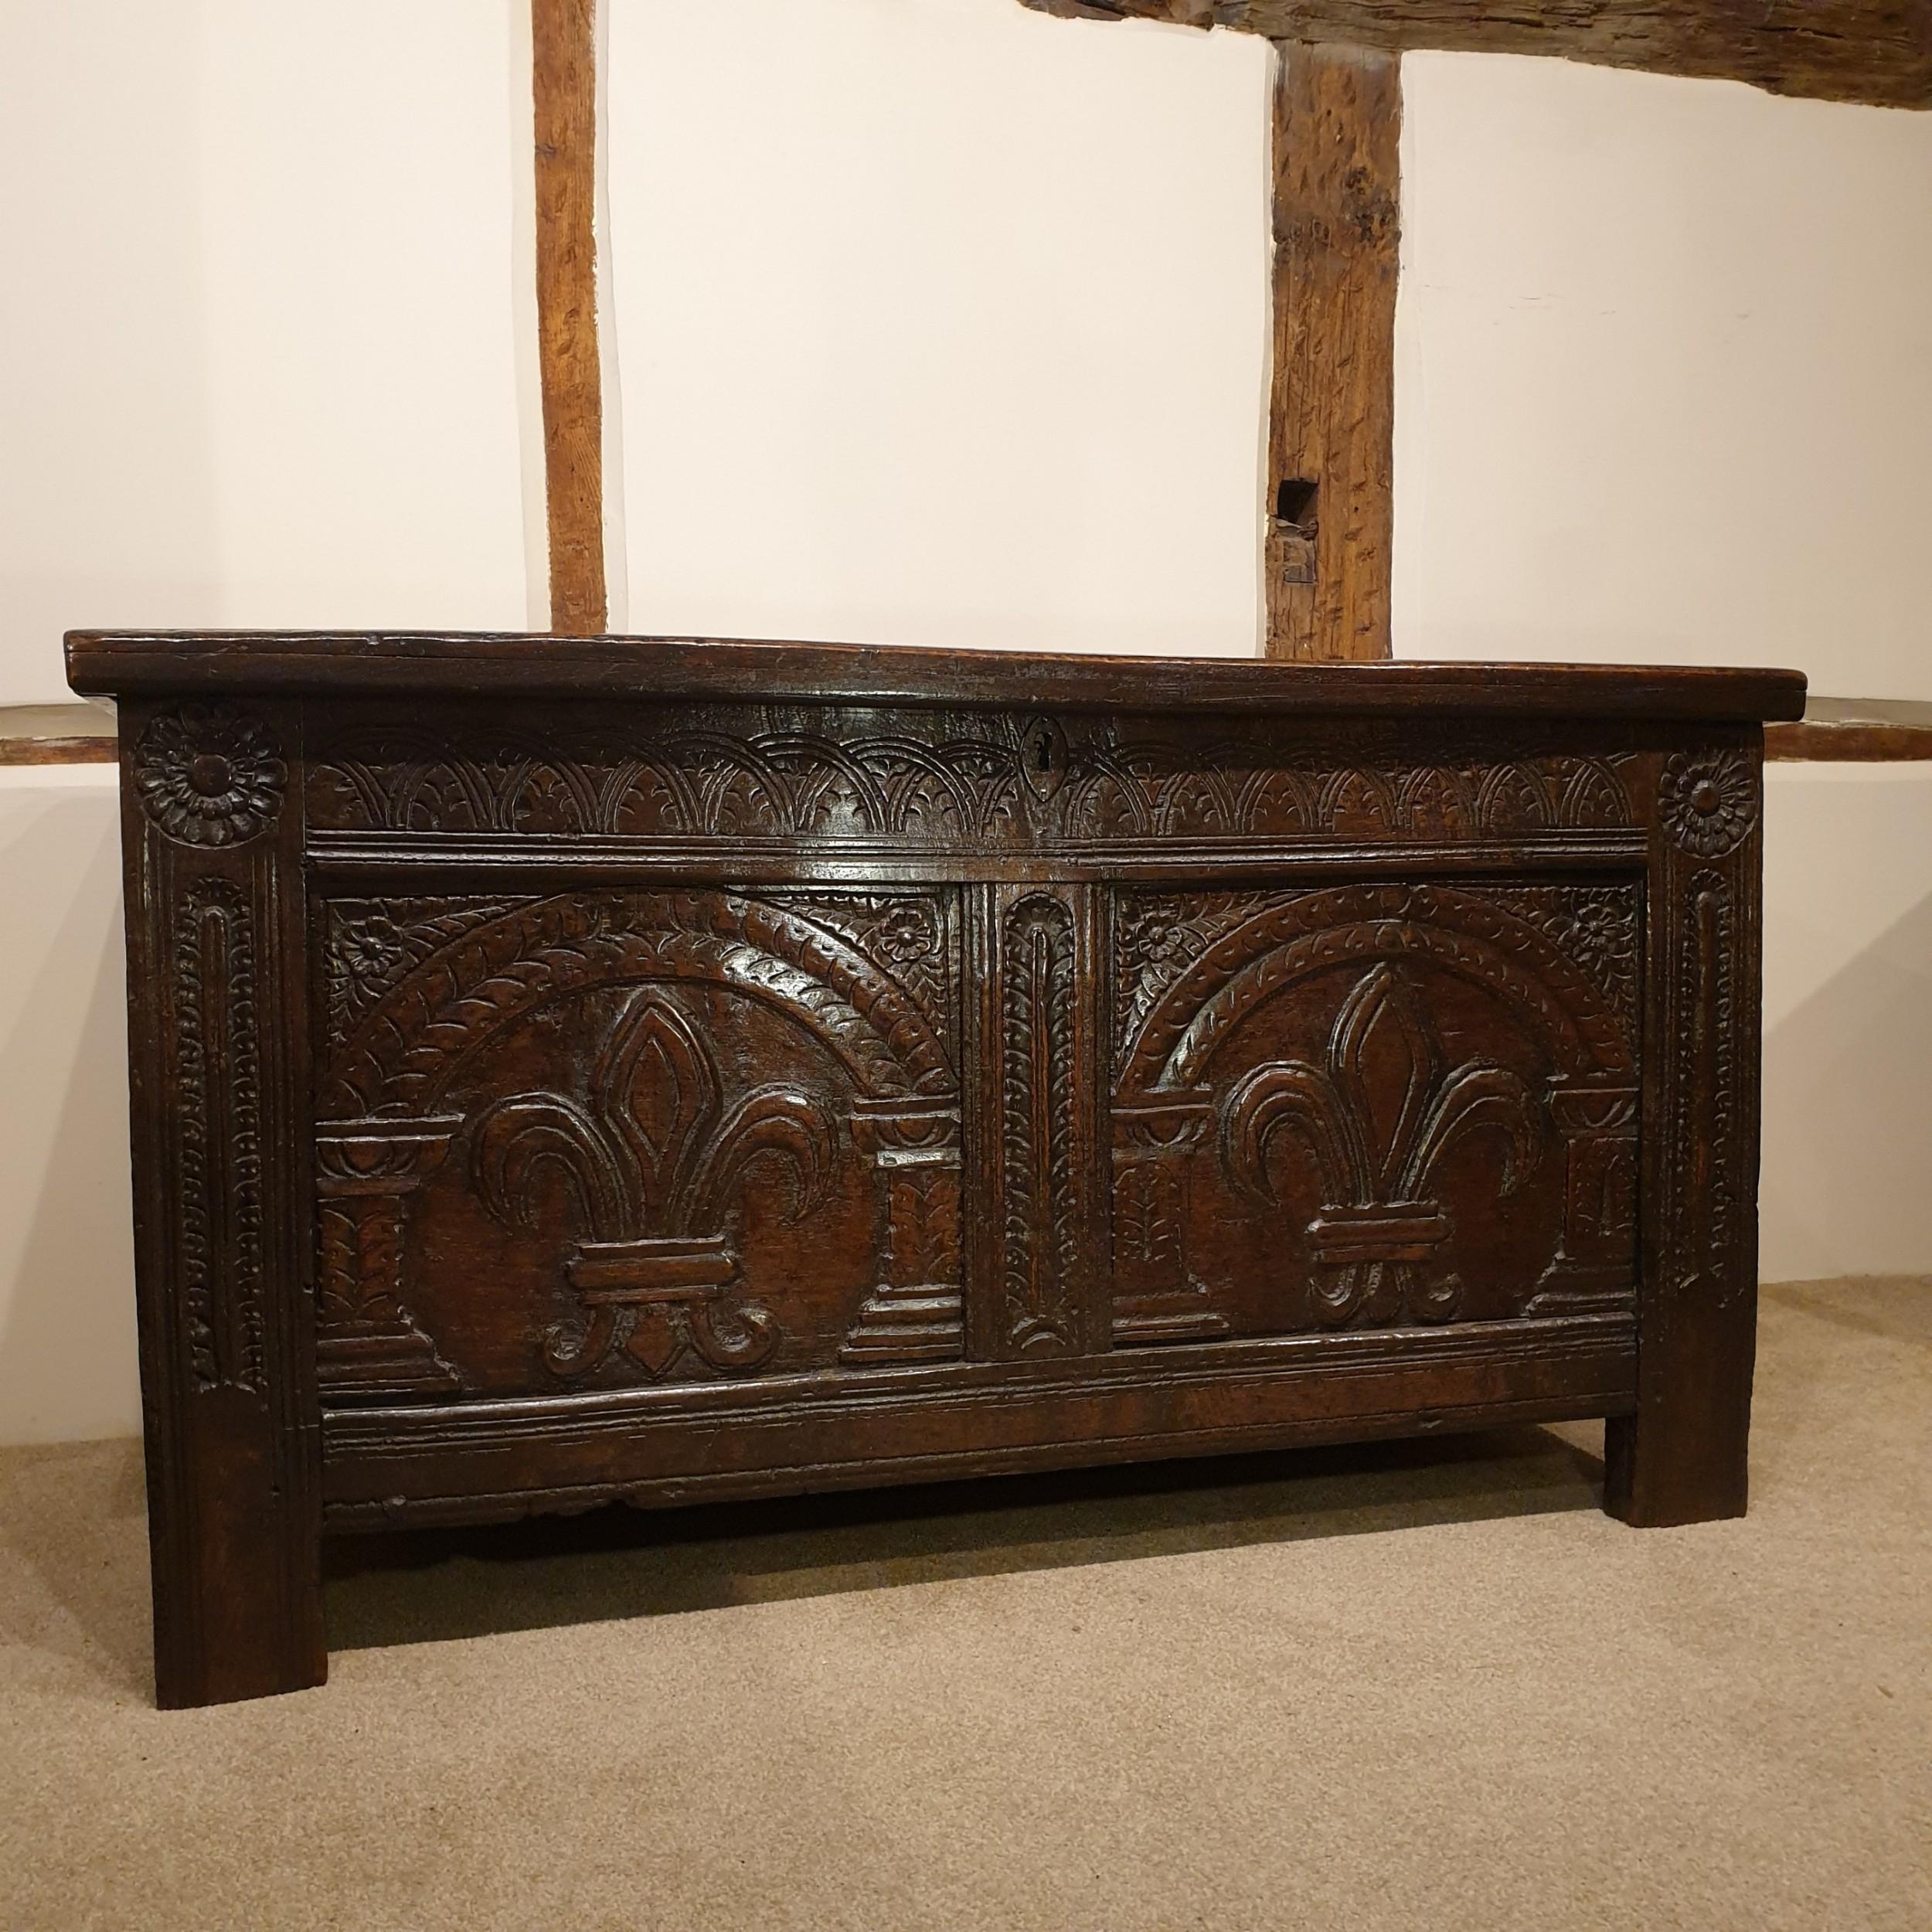 mid 17th century oak coffer with original feur de lis carved decoration